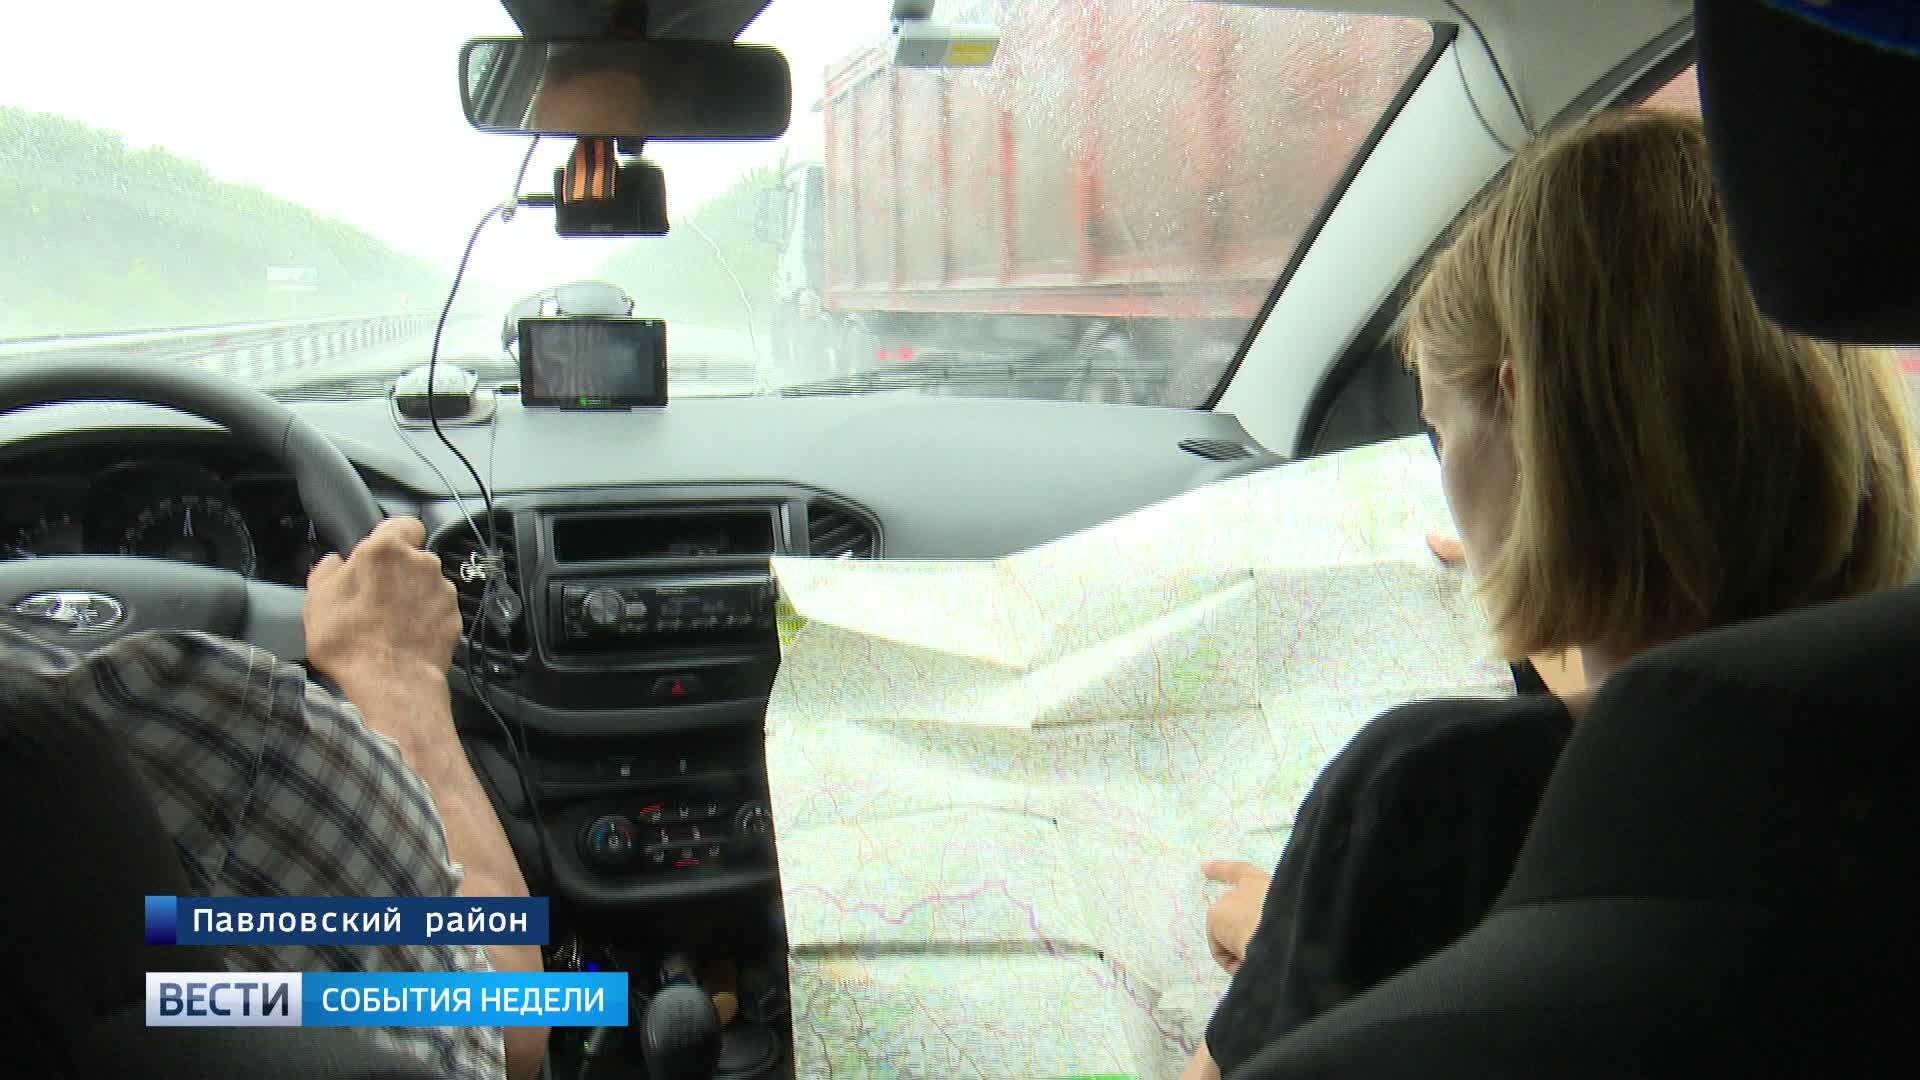 Видеоинструкция. Как объехать знаменитую на всю Россию пробку в Лосево